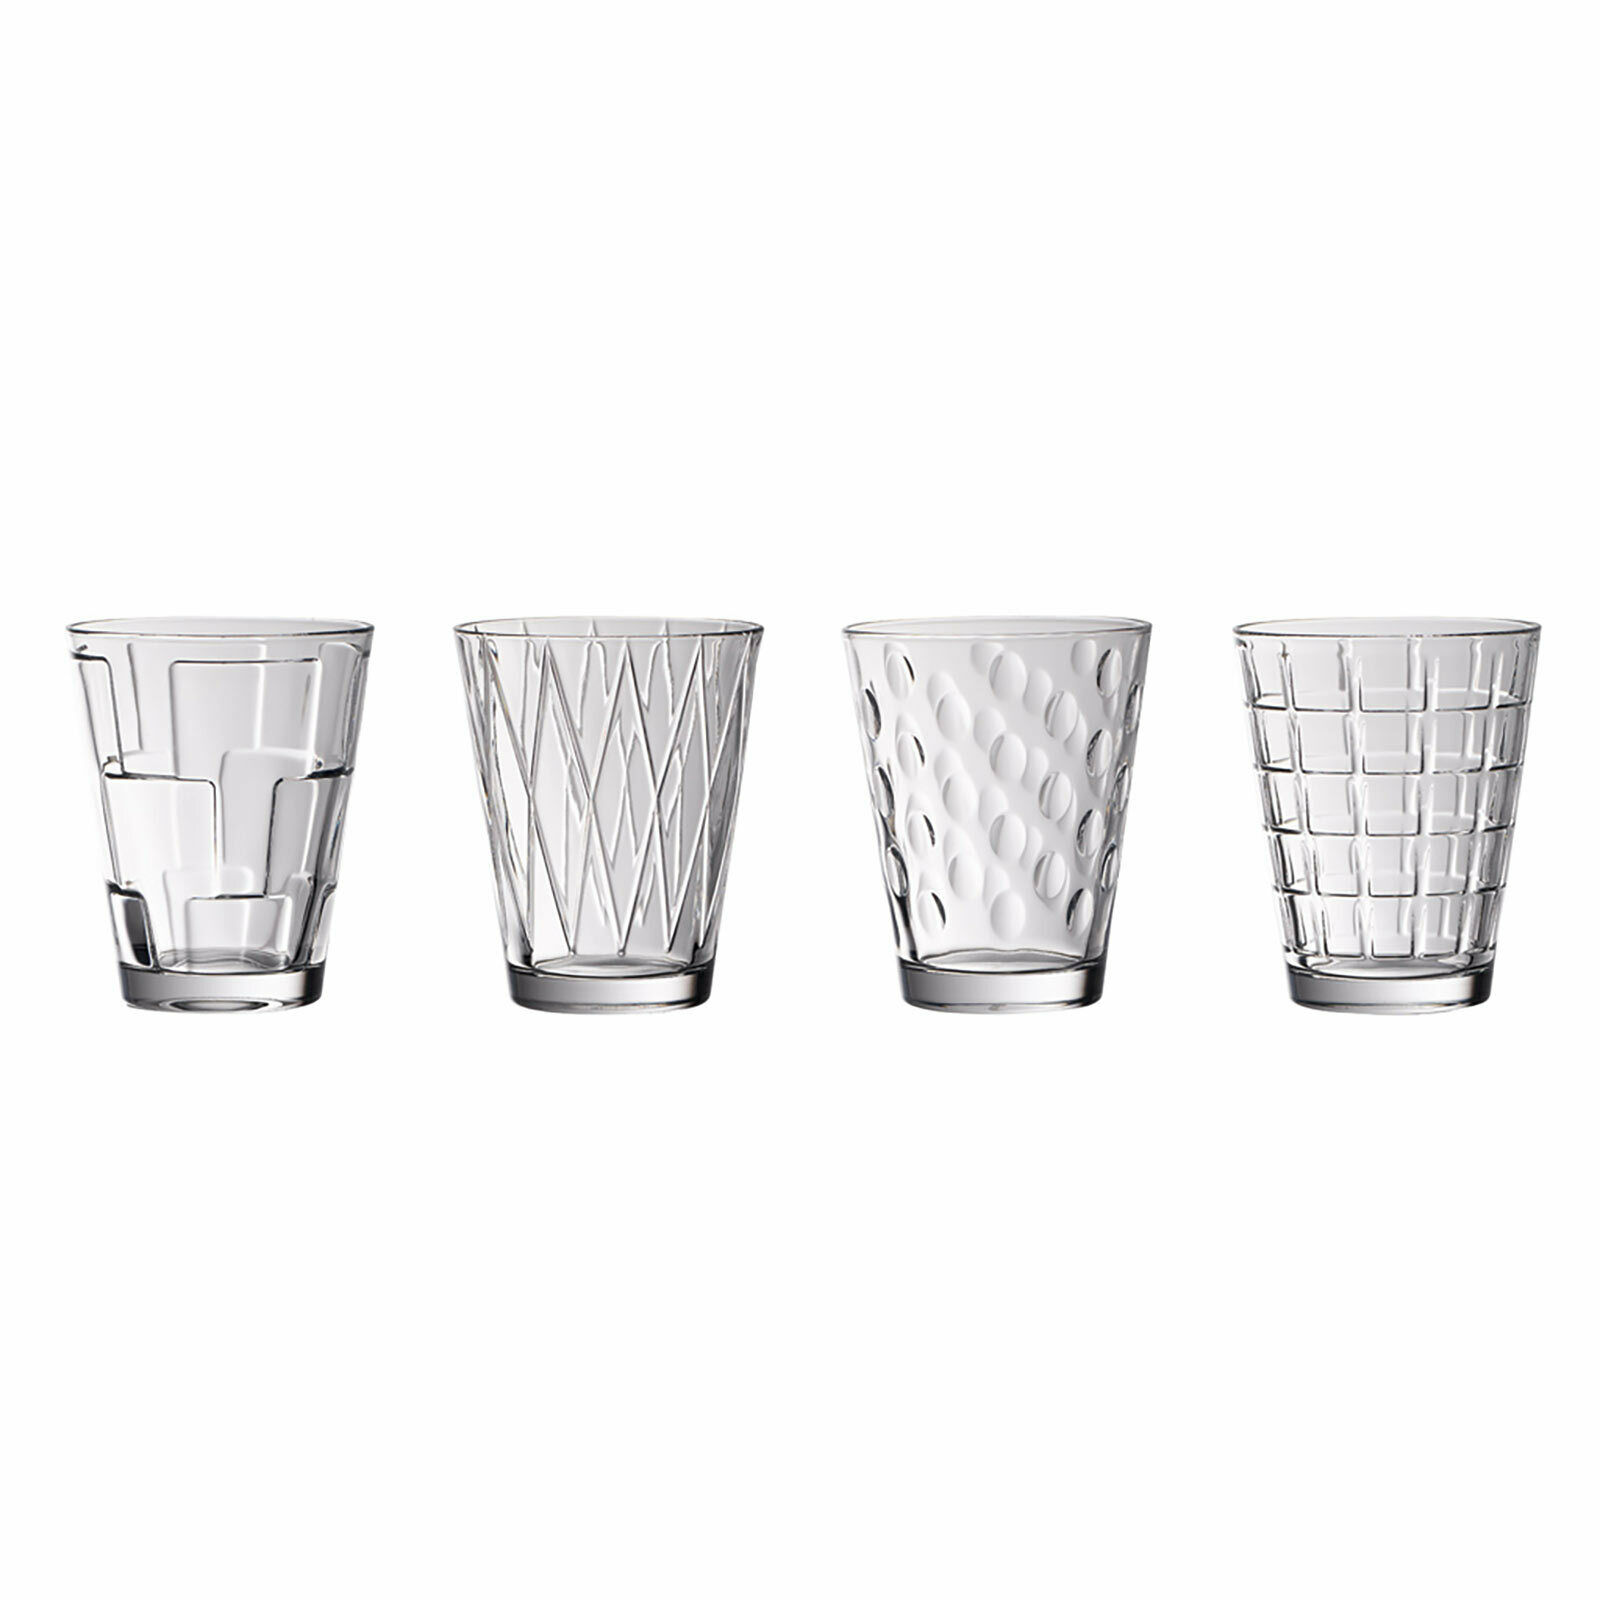 Villeroy & Boch Dressed Up Wasserglas Kristallglas Trinkglas Saftglas 4er Set